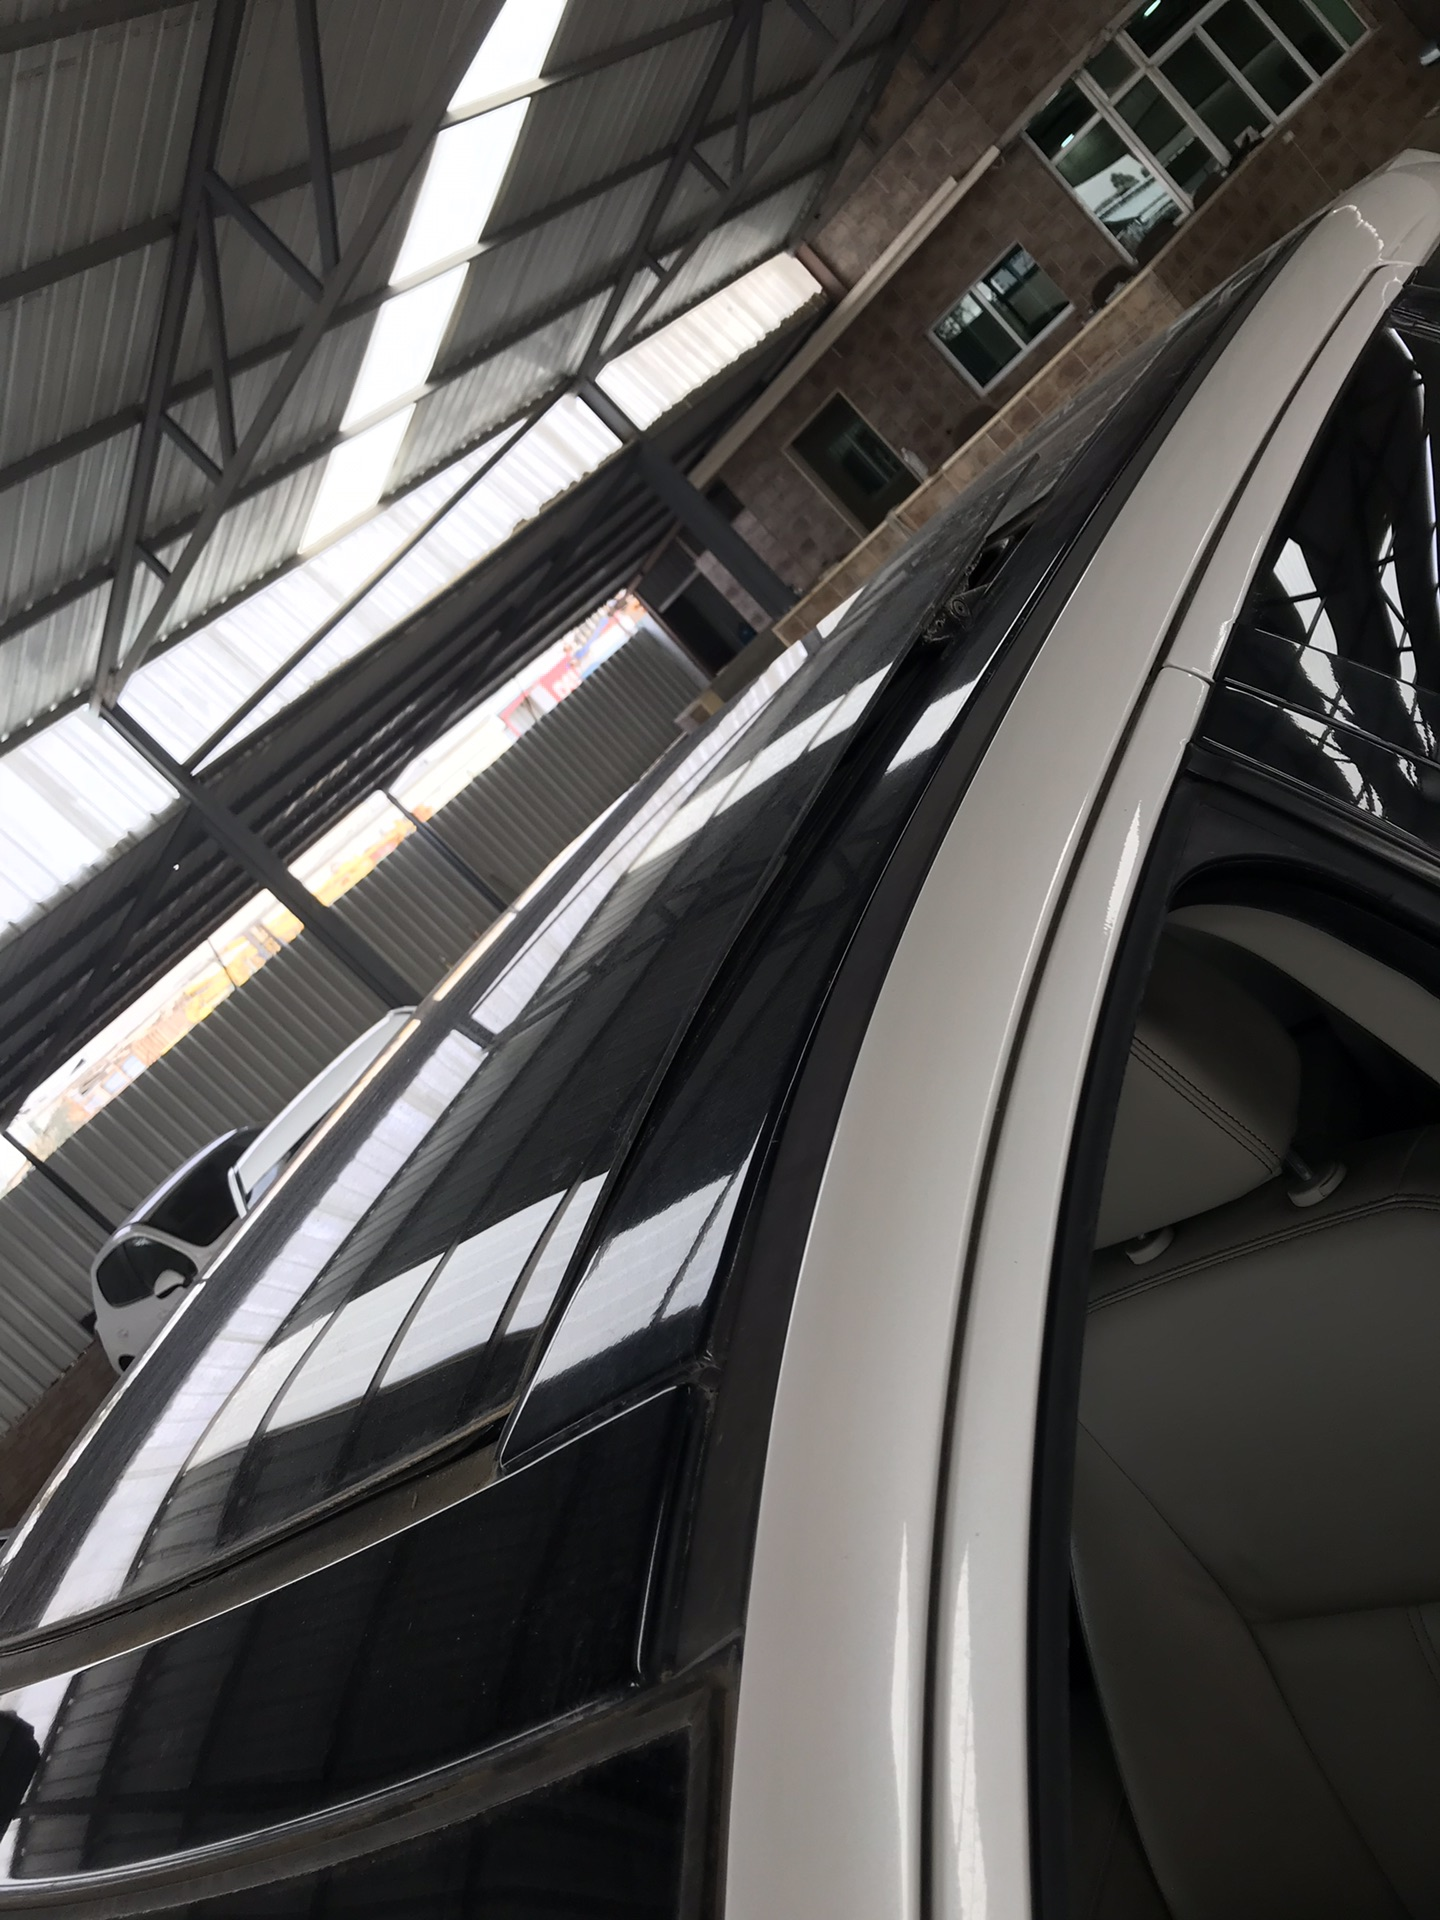 نيسان باترول بلاتينيوم 2021 للبيع-  فورد ايدج موديل 2013 حرة...